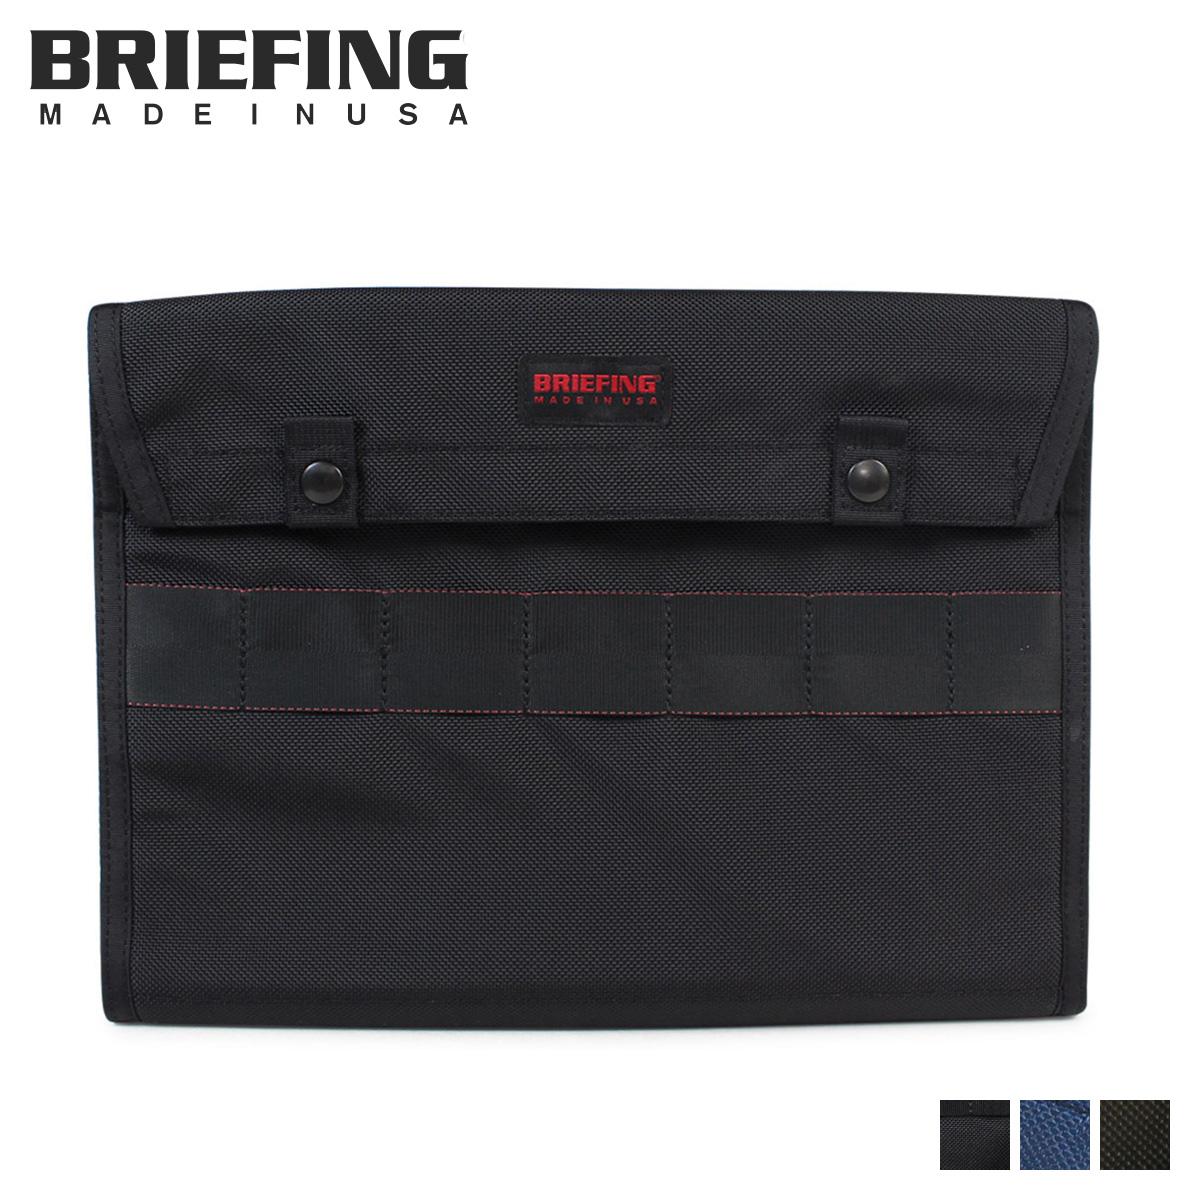 BRIEFING DOCUMENT CASE ブリーフィング バッグ クラッチバッグ メンズ ブラック ネイビー オリーブ 黒 BRF487219